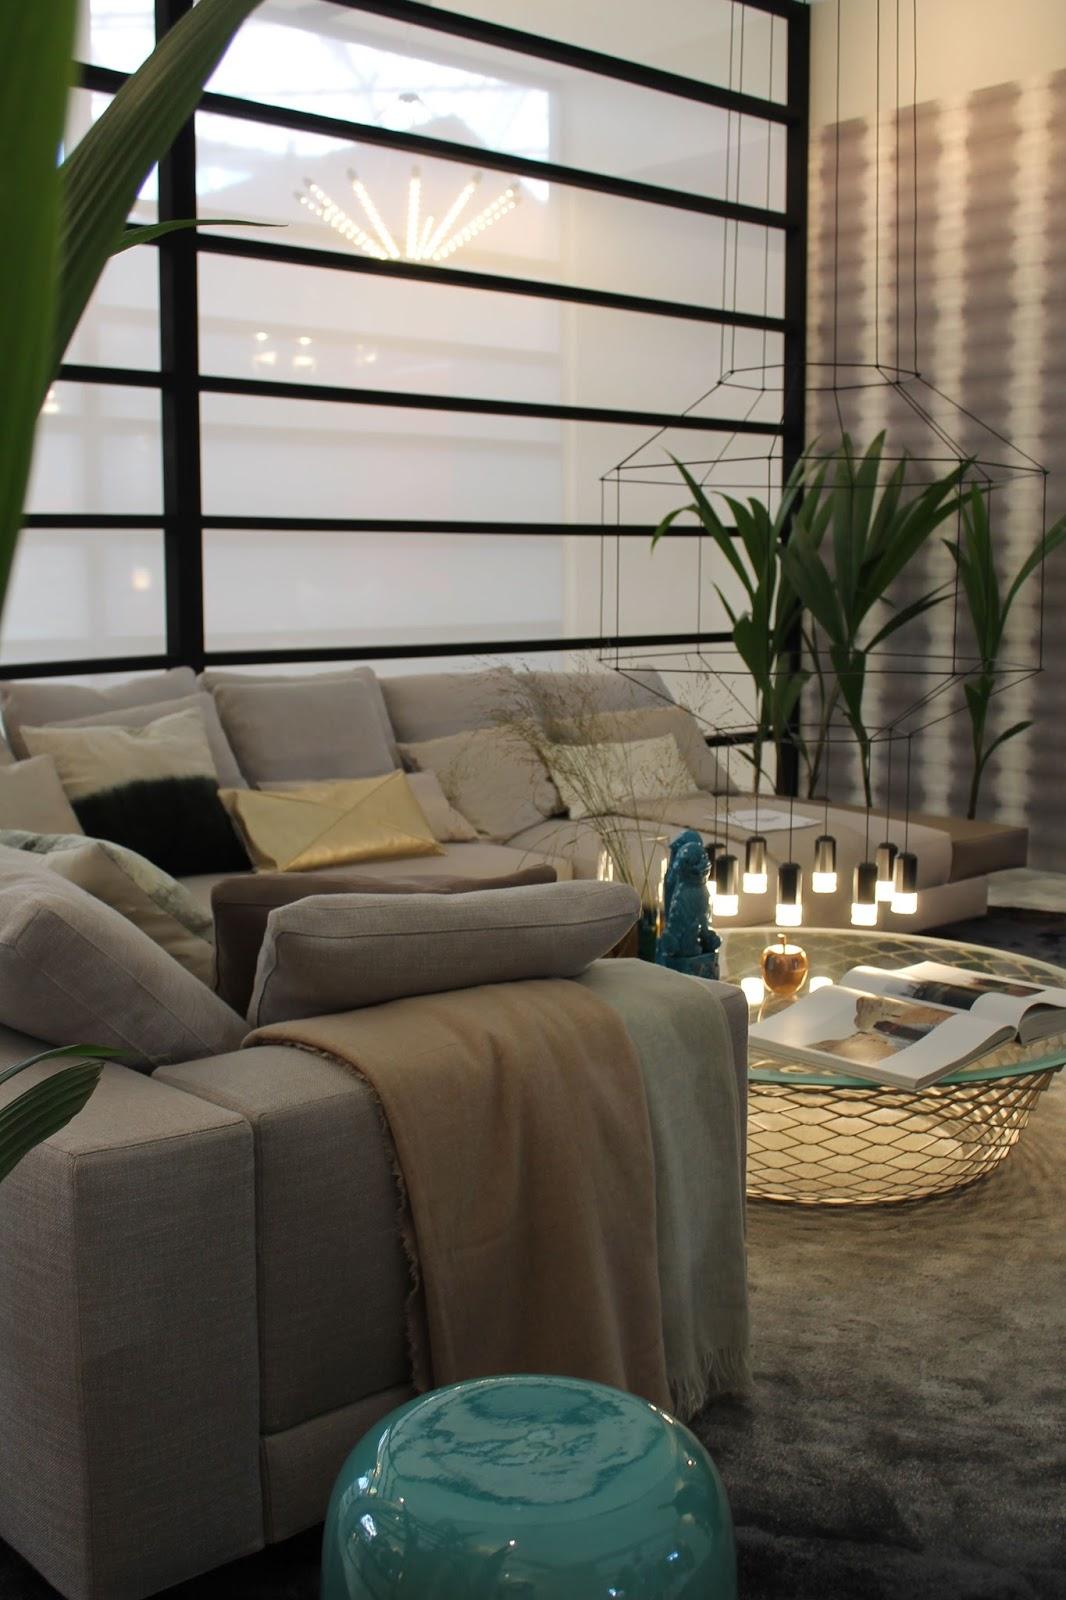 britta bloggt woonbeurs 2014. Black Bedroom Furniture Sets. Home Design Ideas